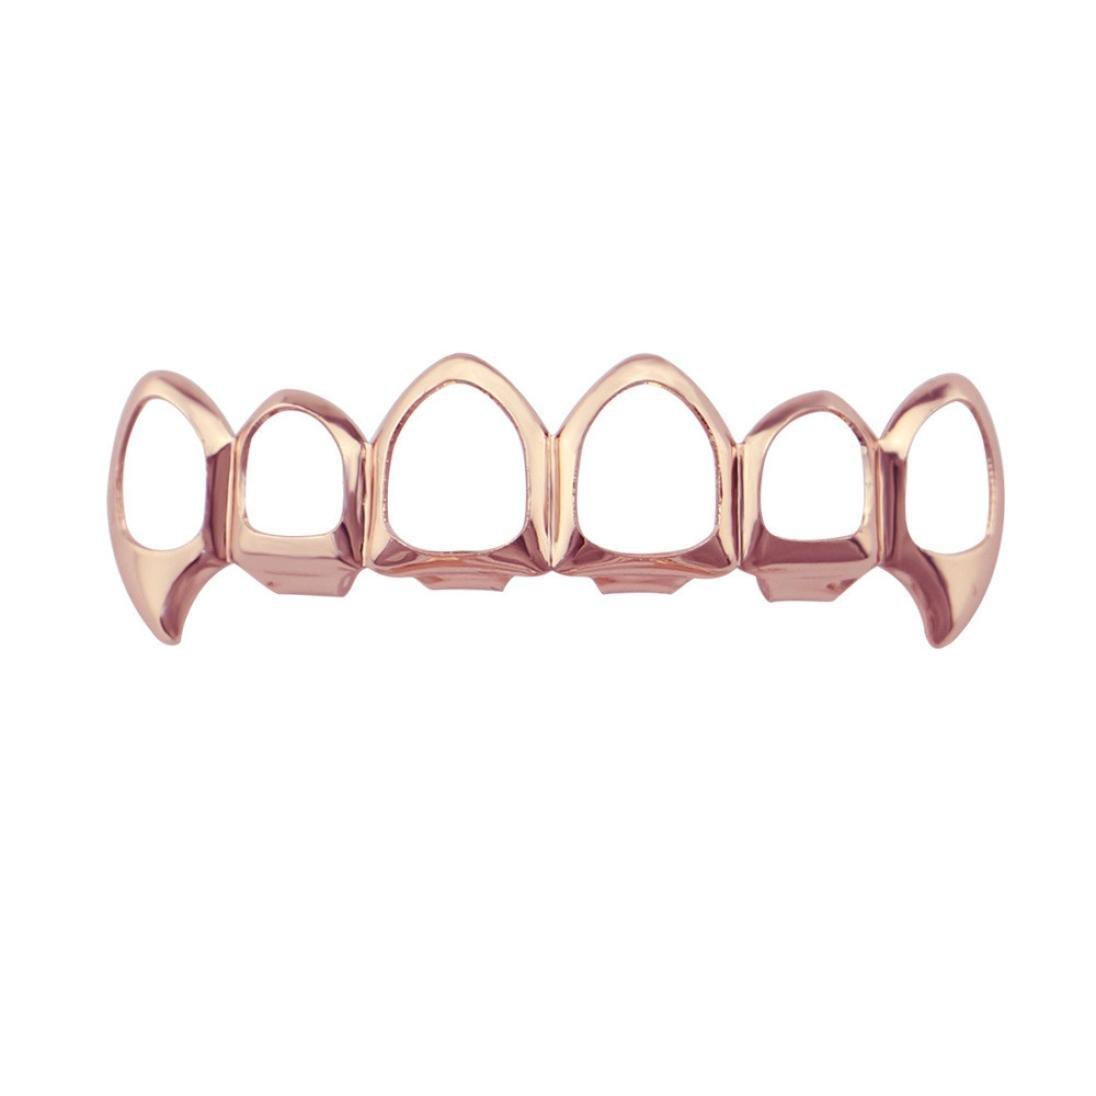 Inkach Denture Teeth, Hip Hop Cosmetic Upper Teeth Veneer Dental Grills Teeth Denture Model (G)